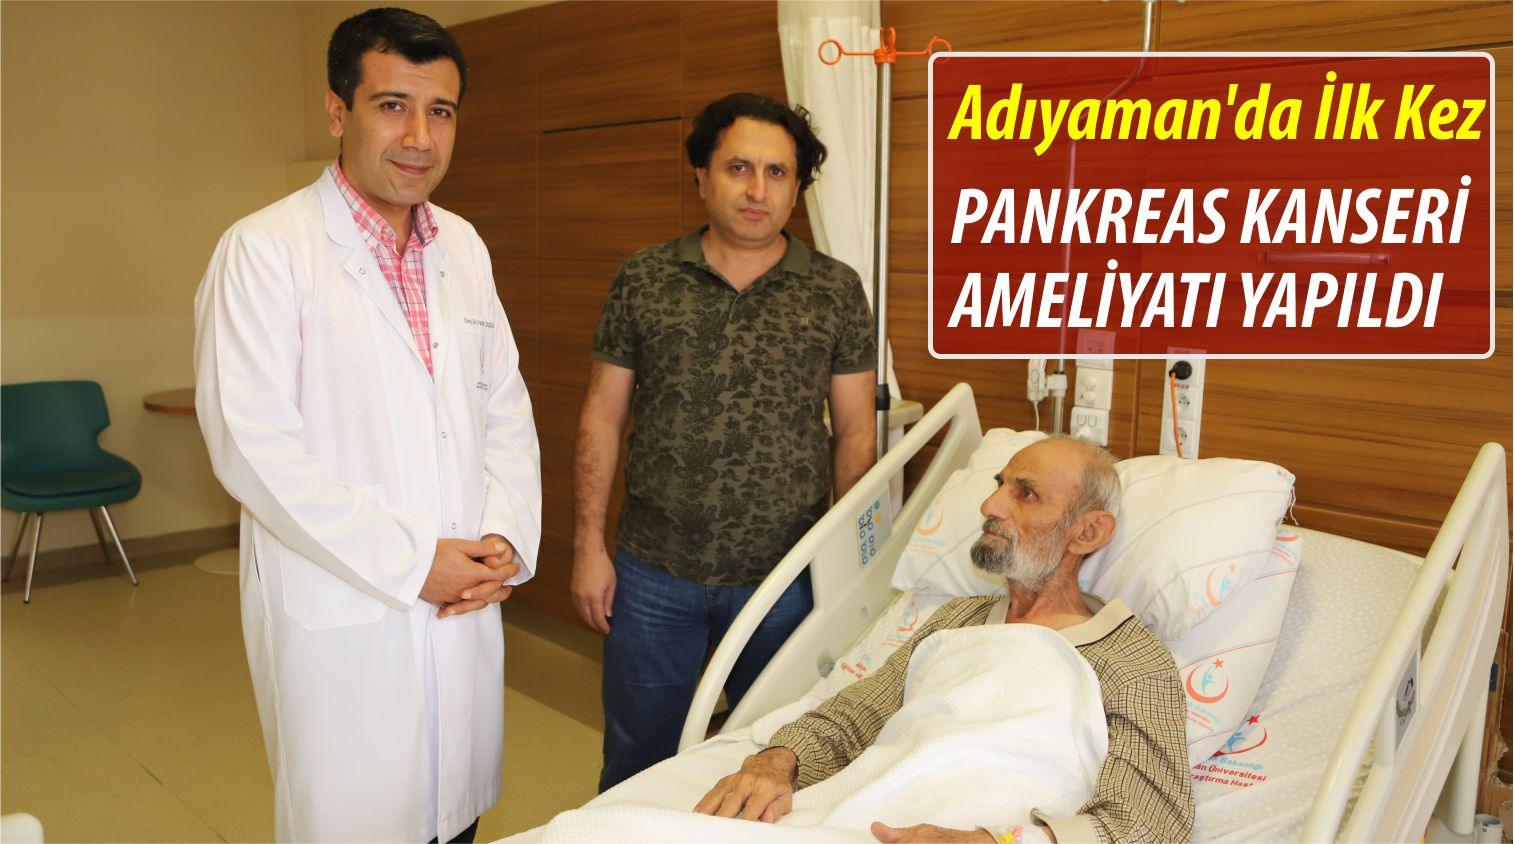 Adiyamanda ilk kez pankreas ameliyati yapildi_kapak.jpg